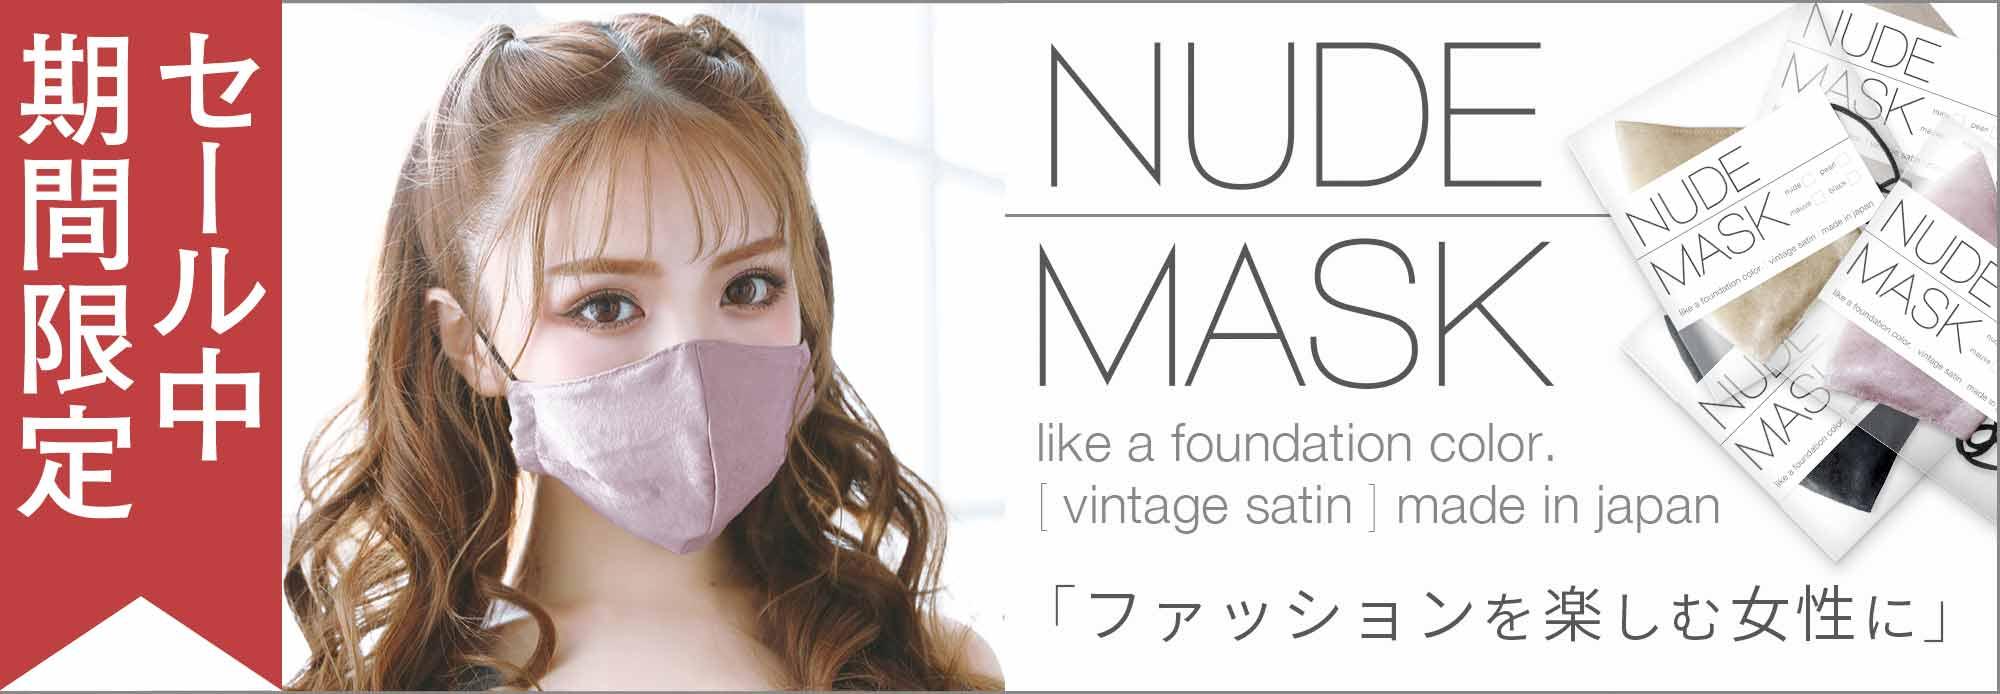 ヌードマスク